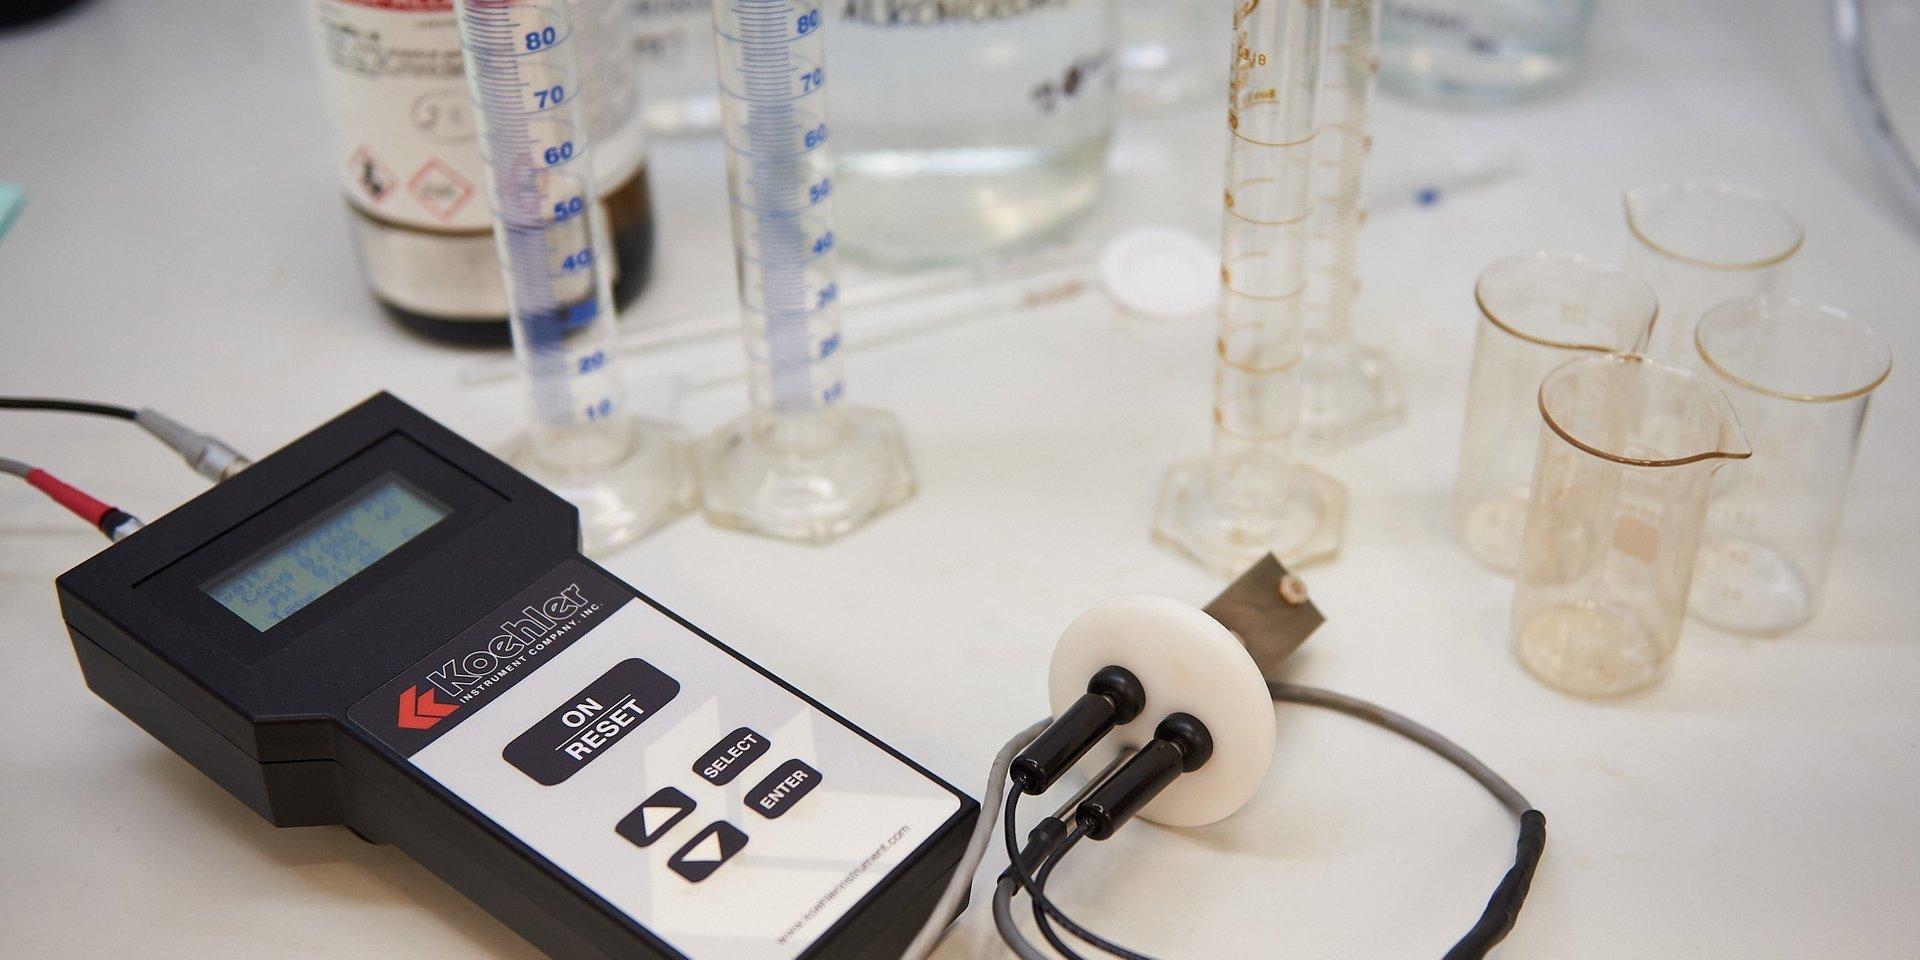 PERN przygotował swoje aplikacje na rewolucję w biopaliwach